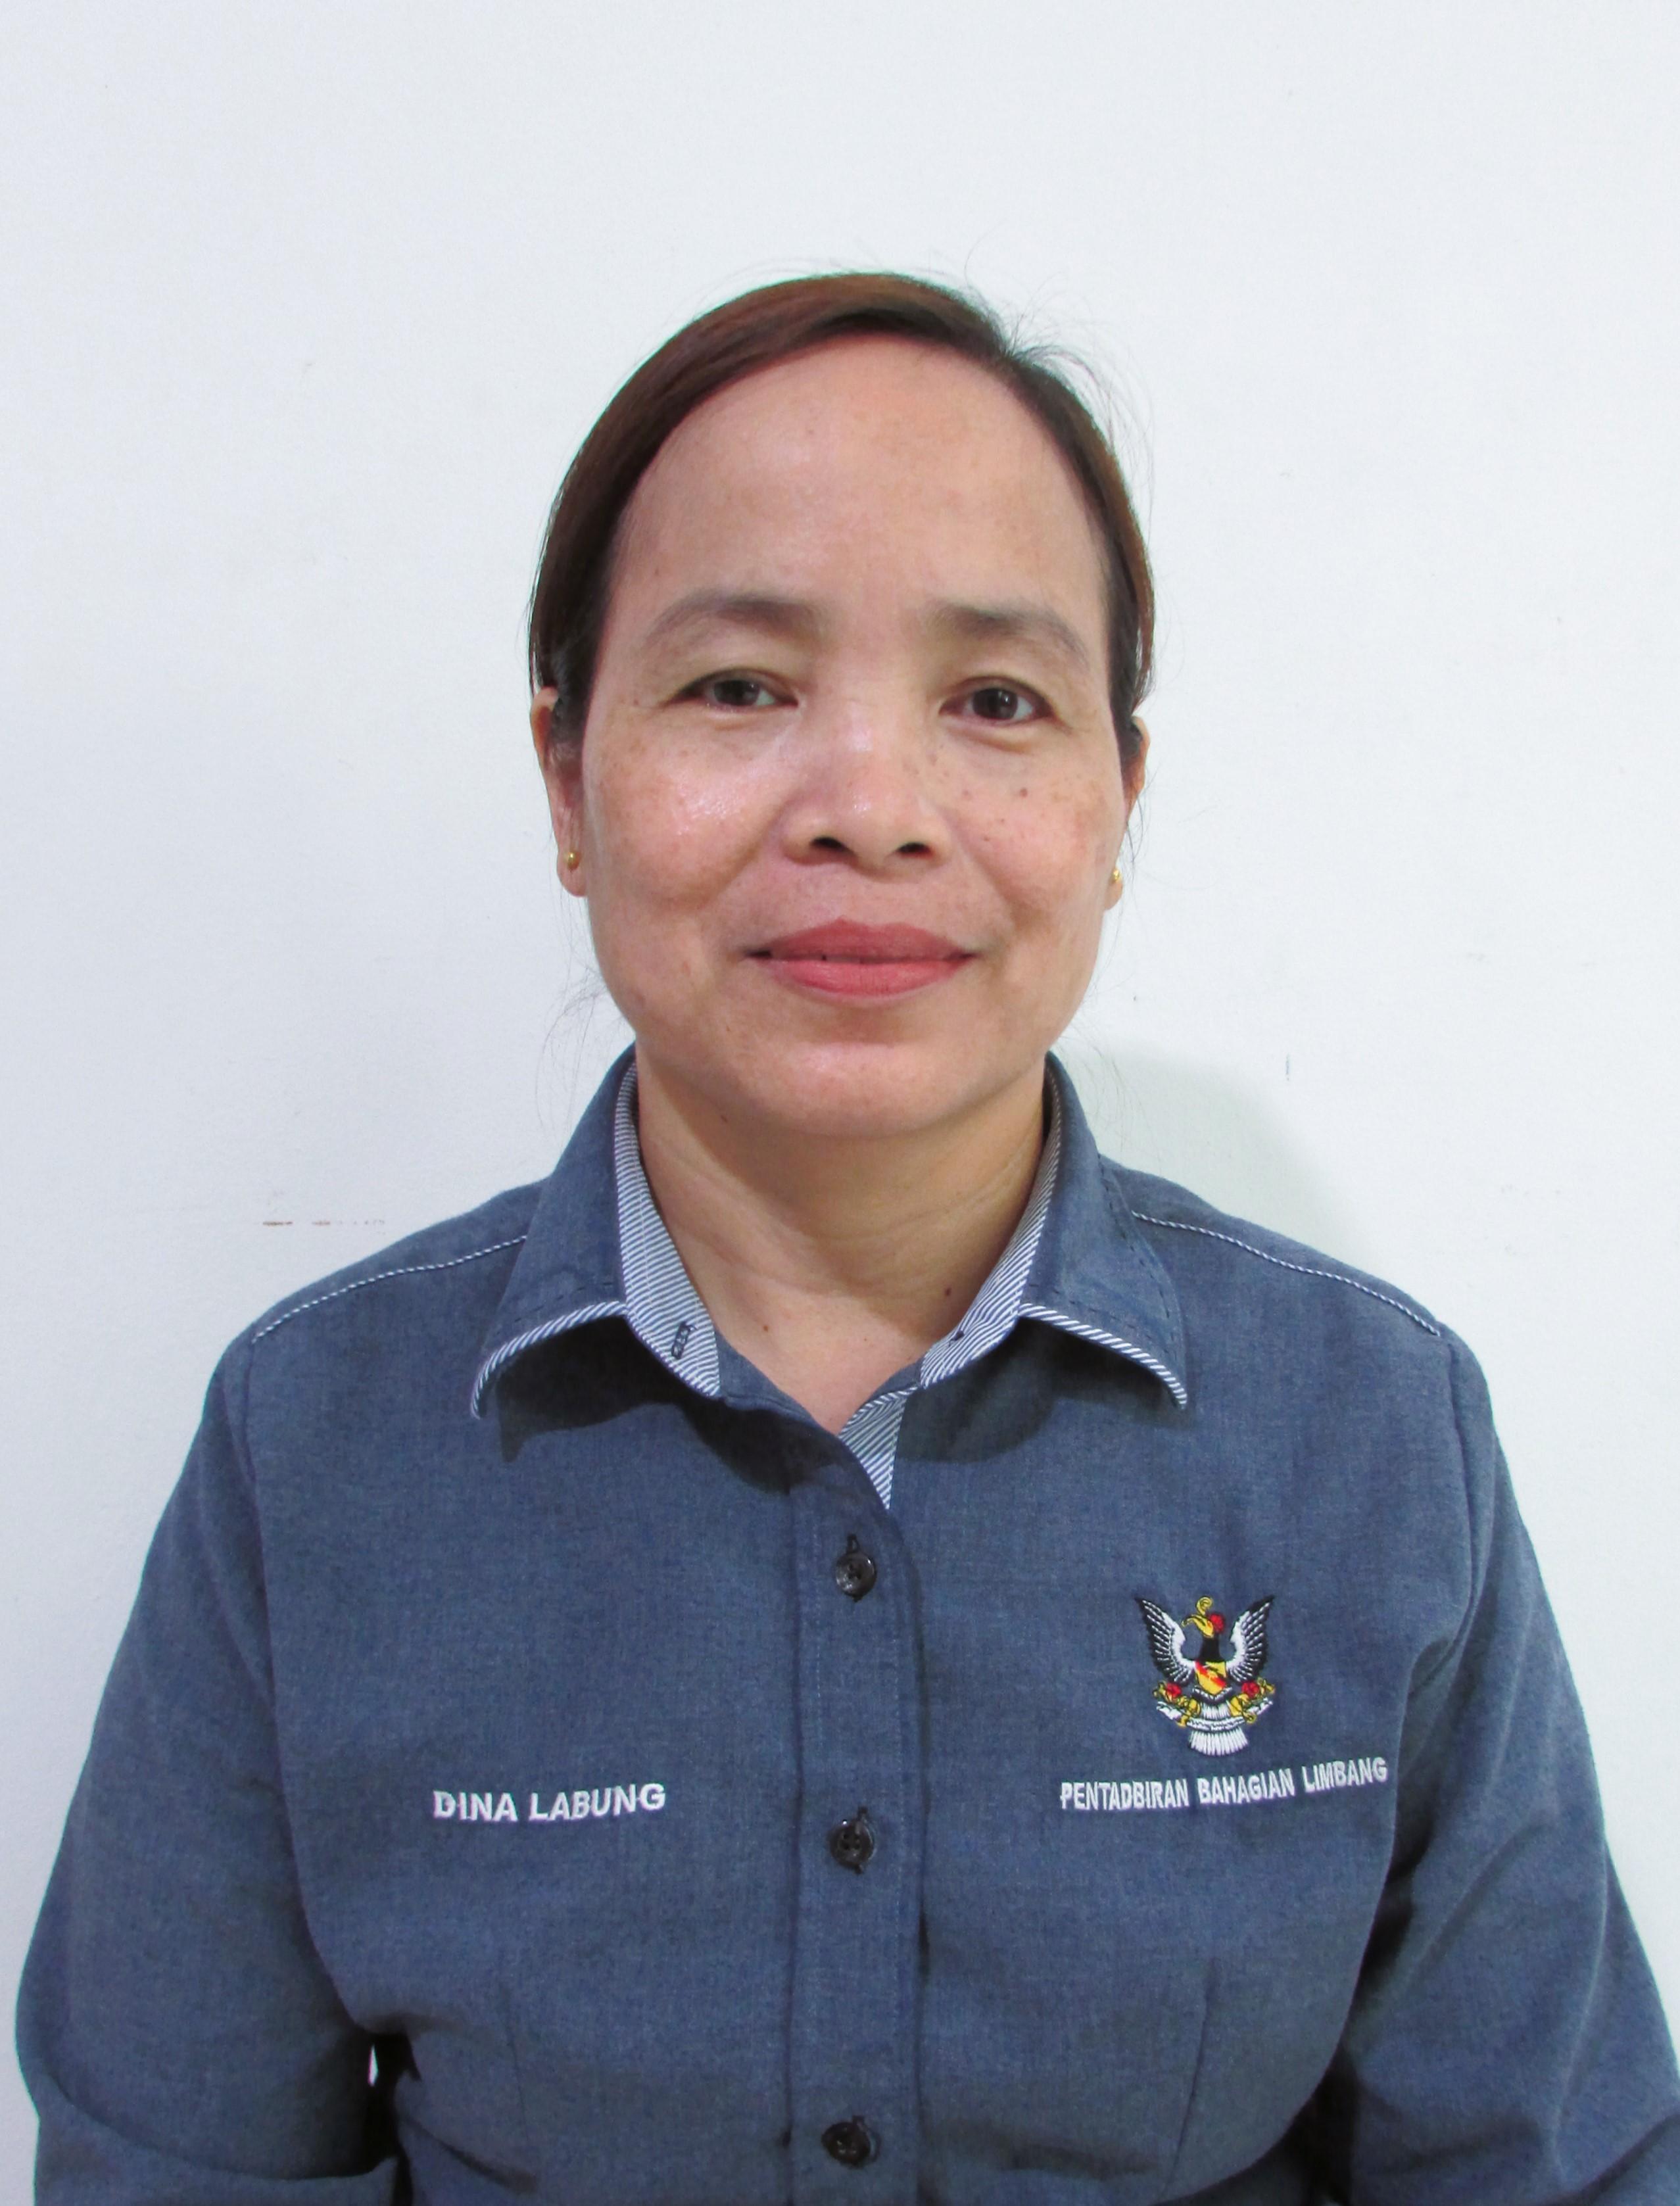 Dina Labung